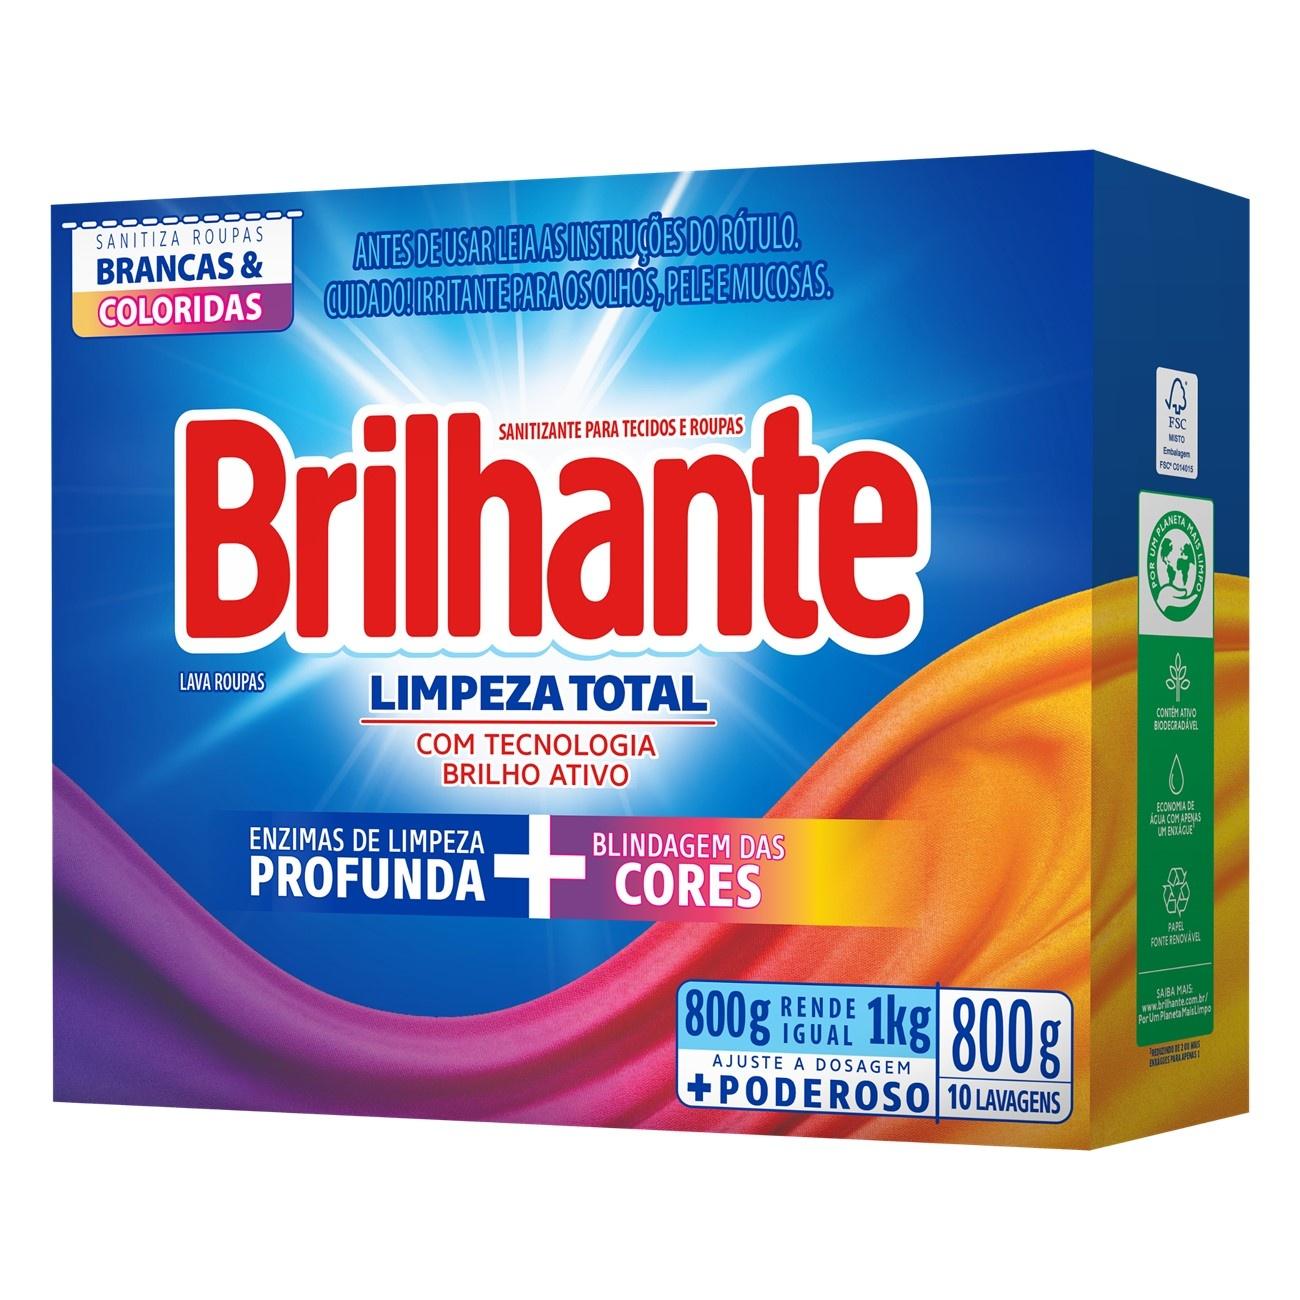 BRILHANTE PO LIMP TOT BRIL ATIVO 800G(20